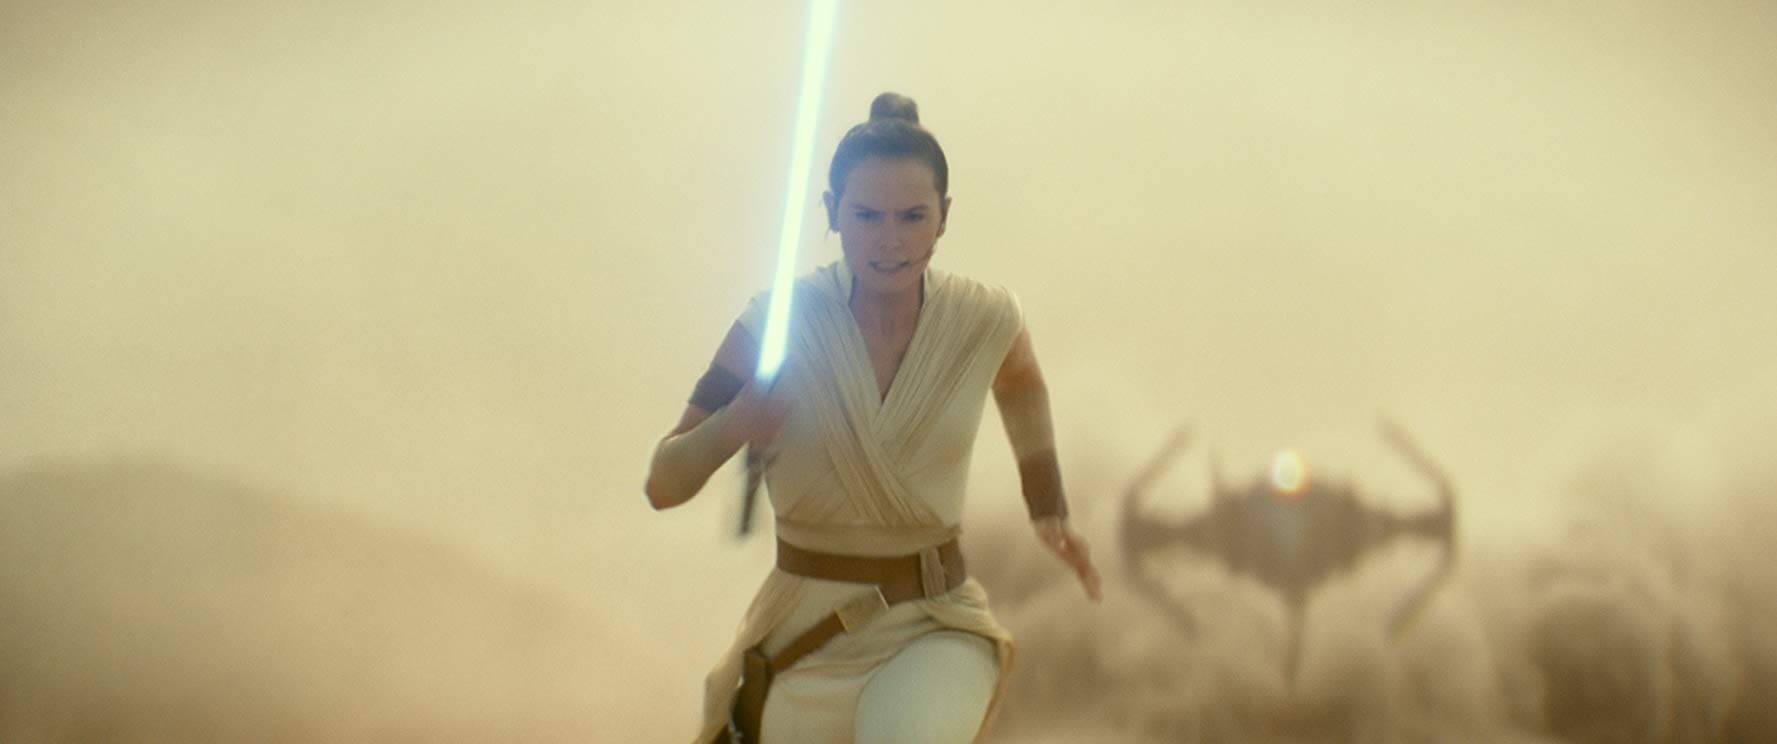 Các pha hành động trong phần 9 của Star Wars diễn ra thiếu độ hấp dẫn